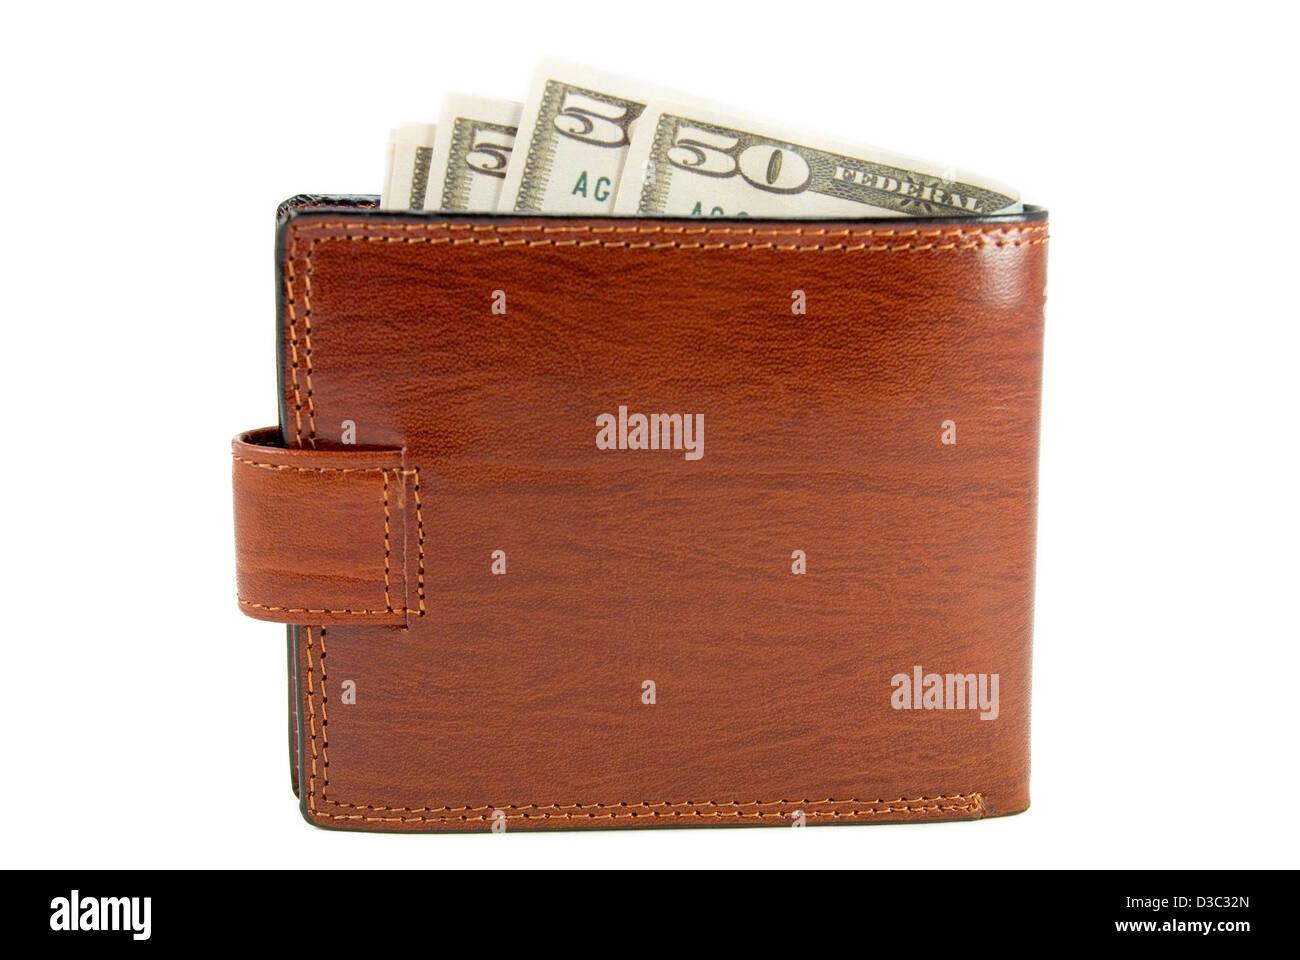 Le sac à main marron avec de l'argent est photographié sur un fond blanc Photo Stock